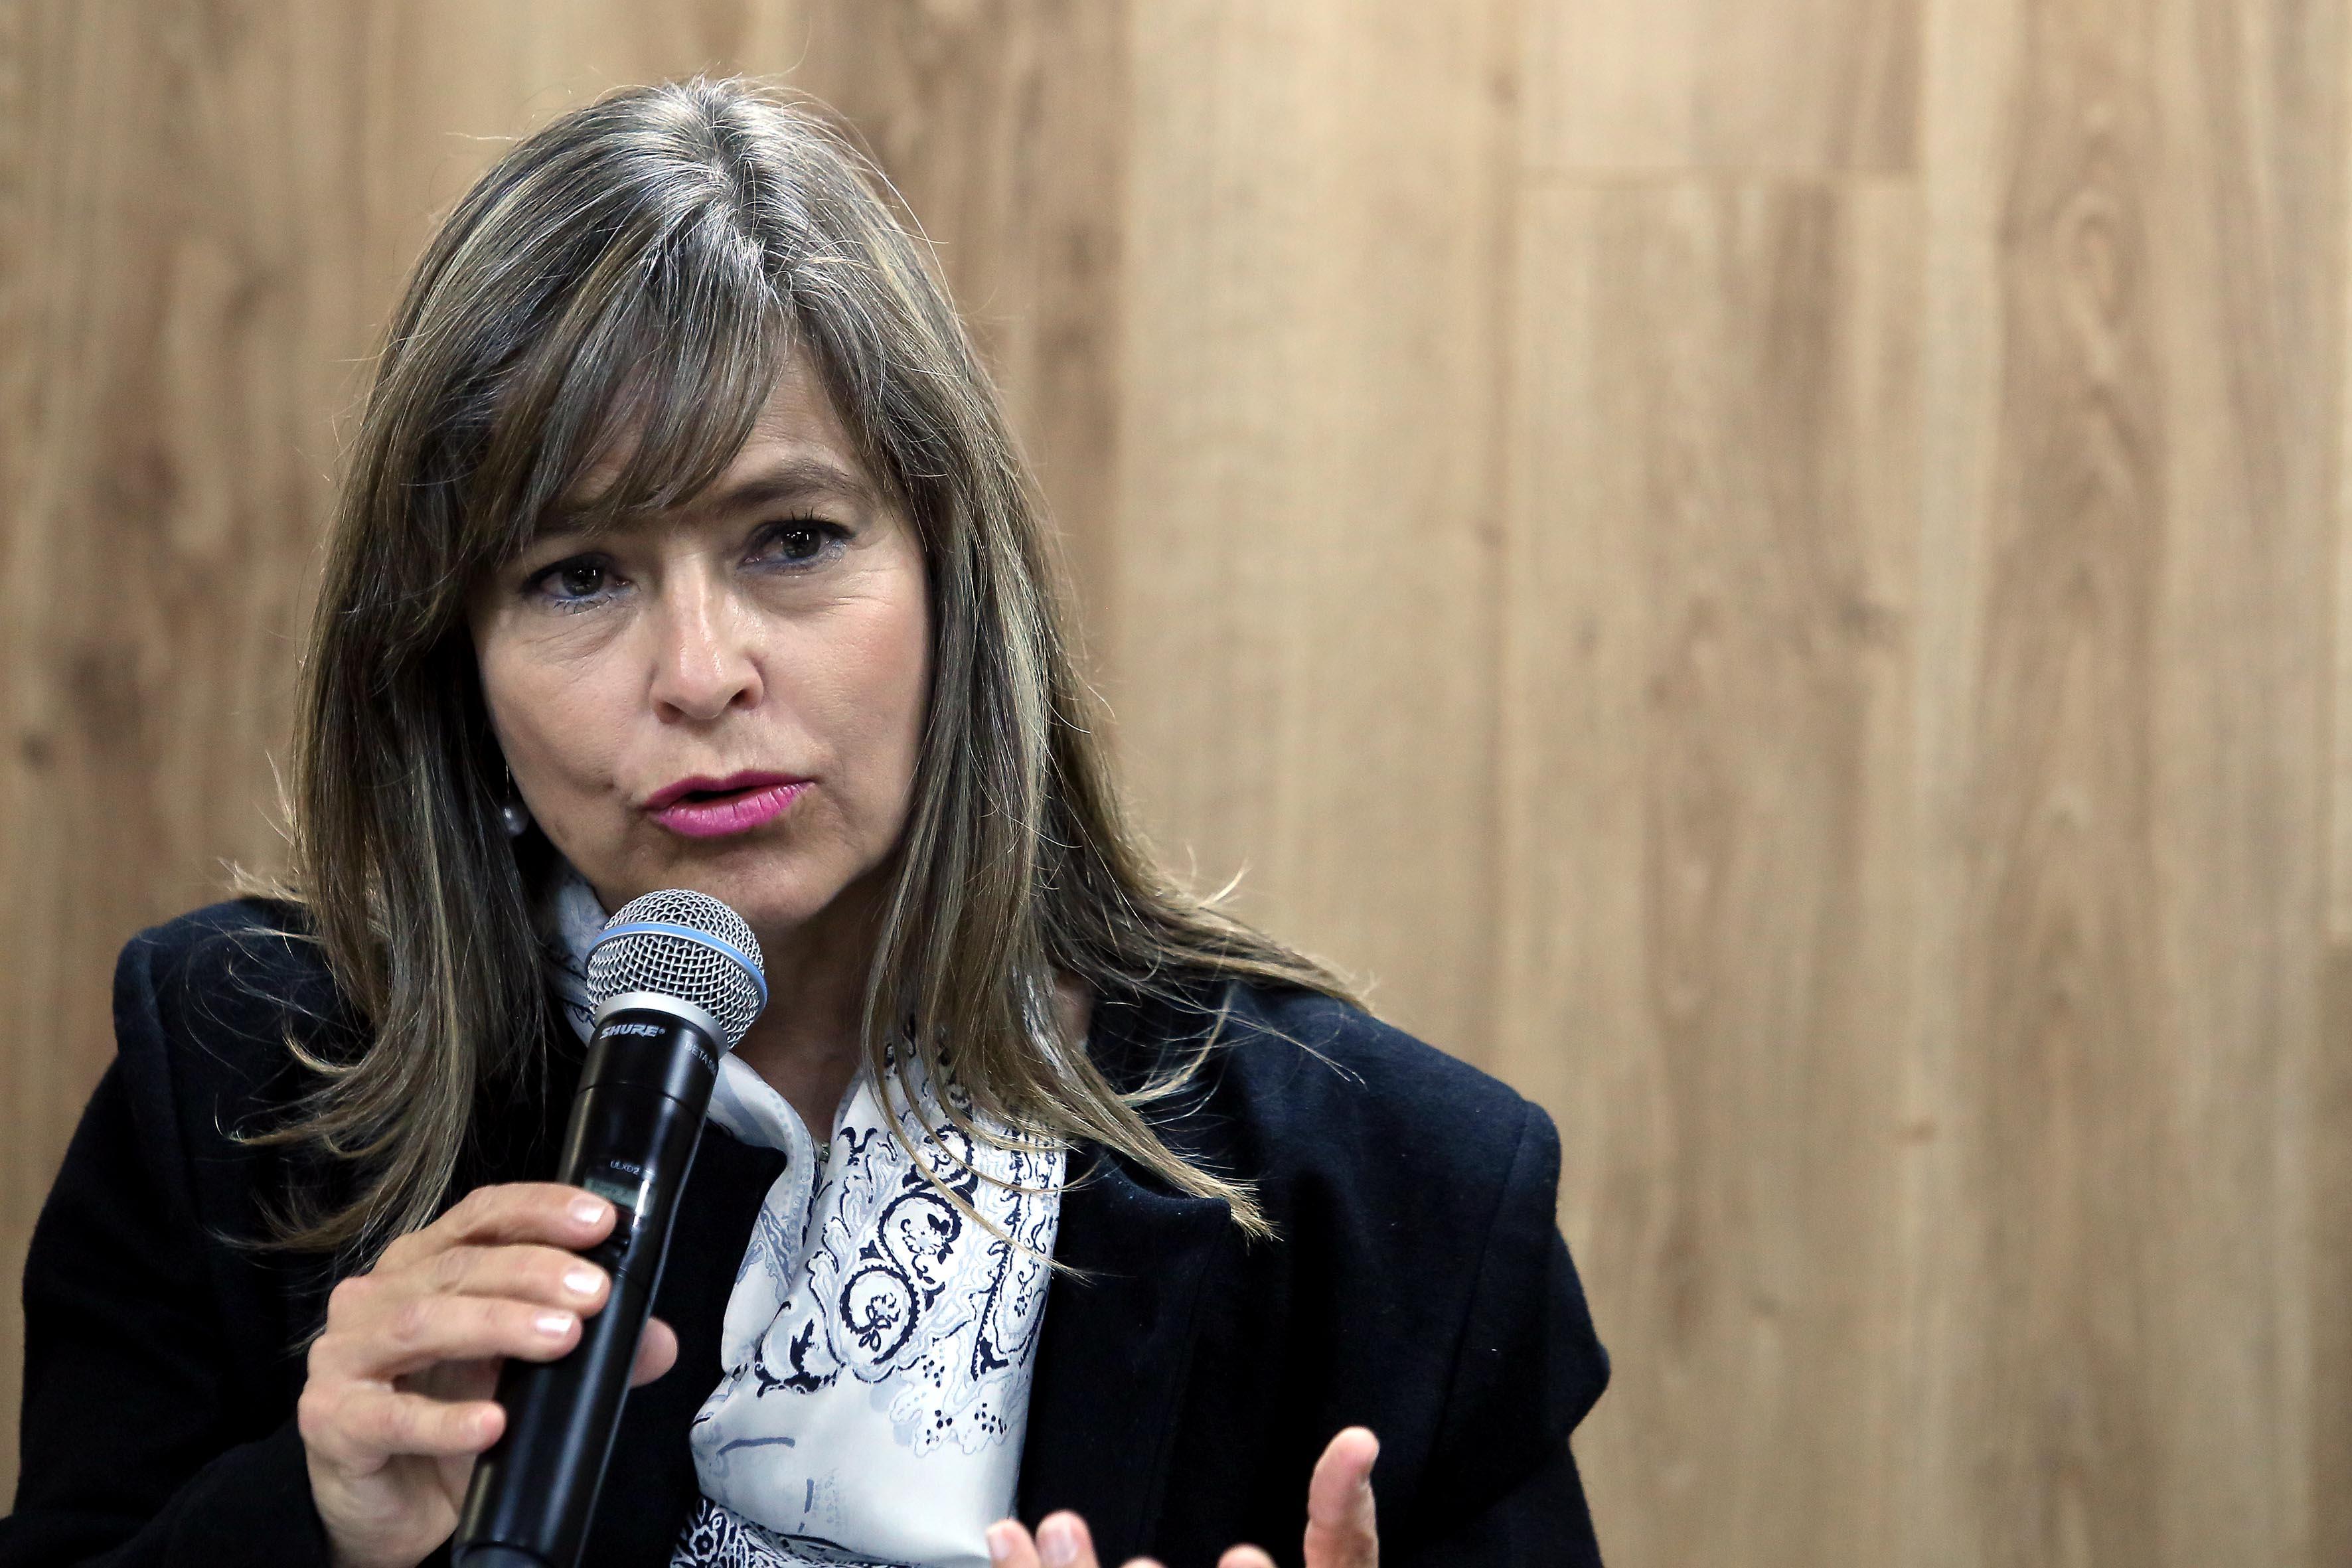 Frente al micrófono la arquitecta Ángela Siqueiros Salnomir, directora de la Escuela Superior de Arquitectura (Esarq)